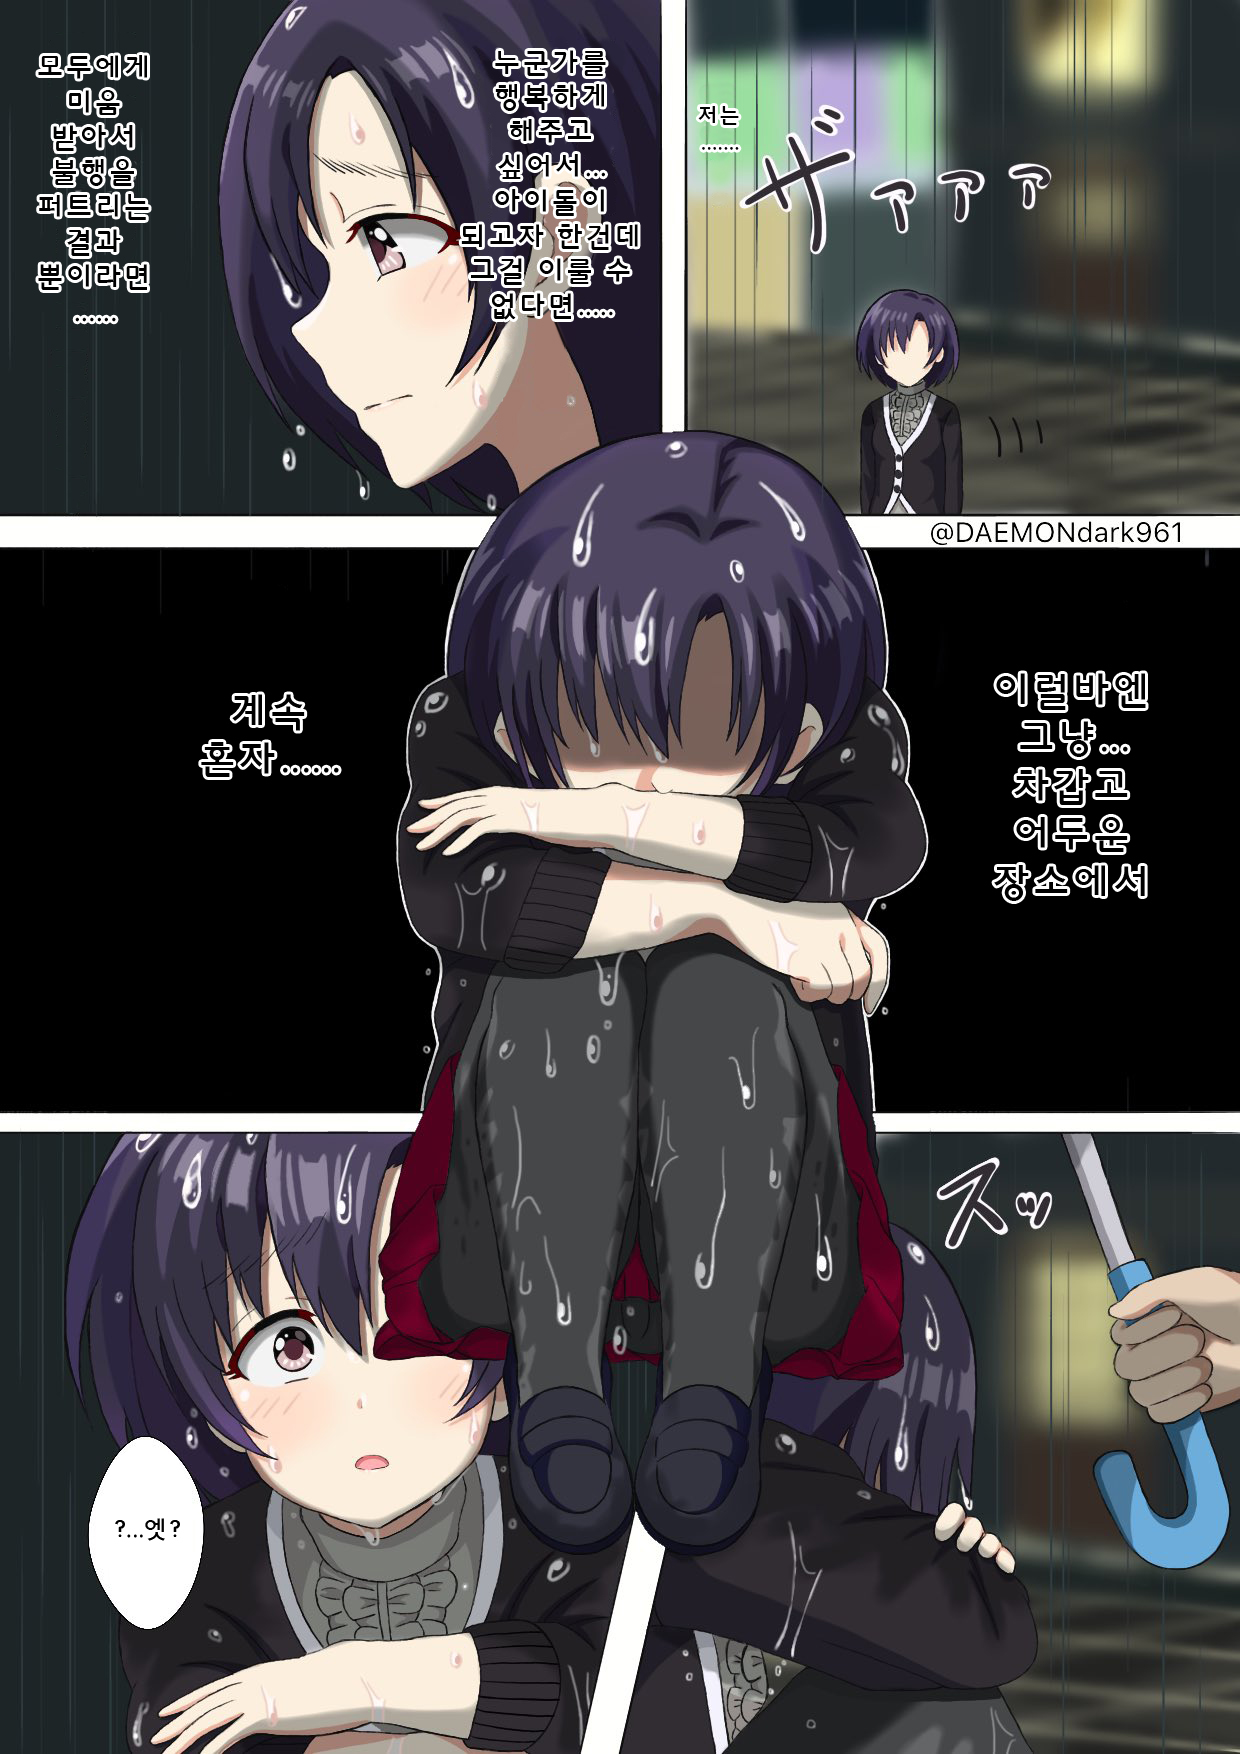 [신데]호타루 데뷔 만화, 눈내리는 날 쿄코, 신칸..